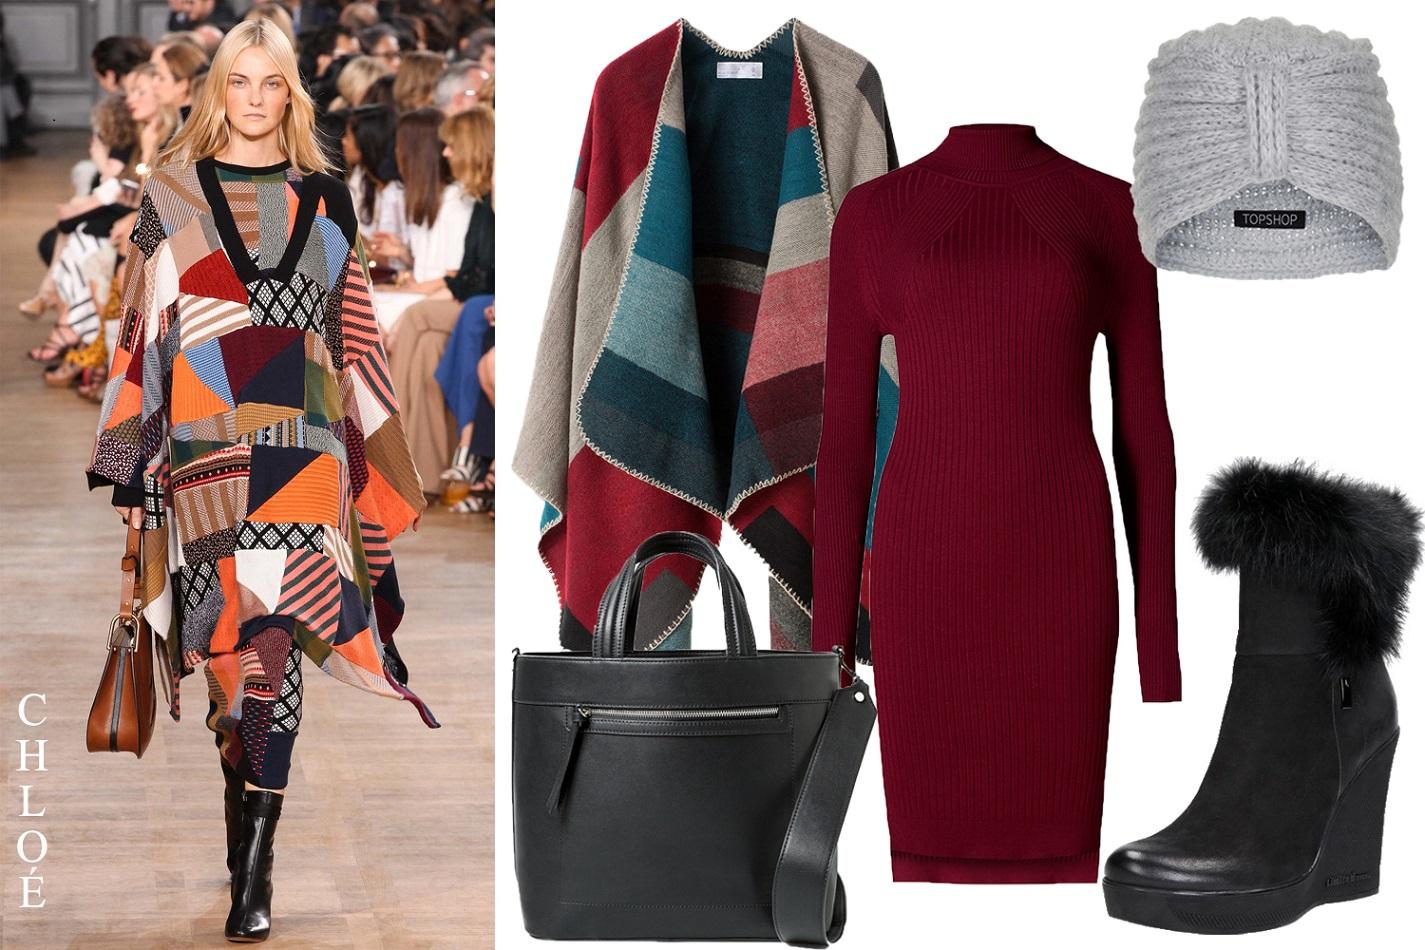 7e55fe55259d ... a zimy jsou 7 8 délky sukní a šatů. Oblečte si pod pončo třeba upnuté  úpletové rolákové šaty a elegantní podzimní outfit bude na světě 😉  Načerpejte ...